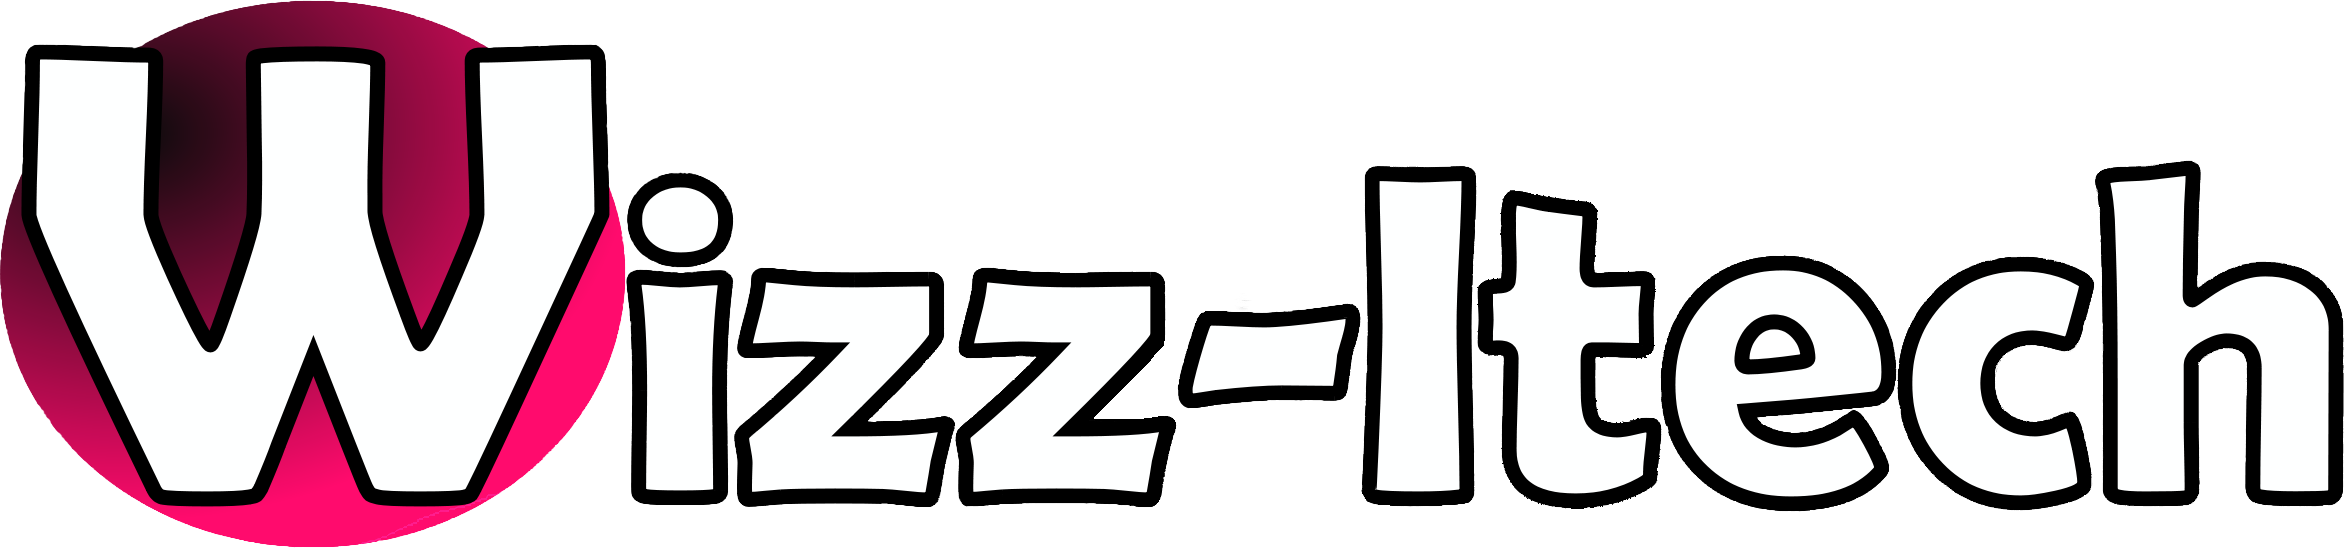 Wizz-Itech dépannage informatique